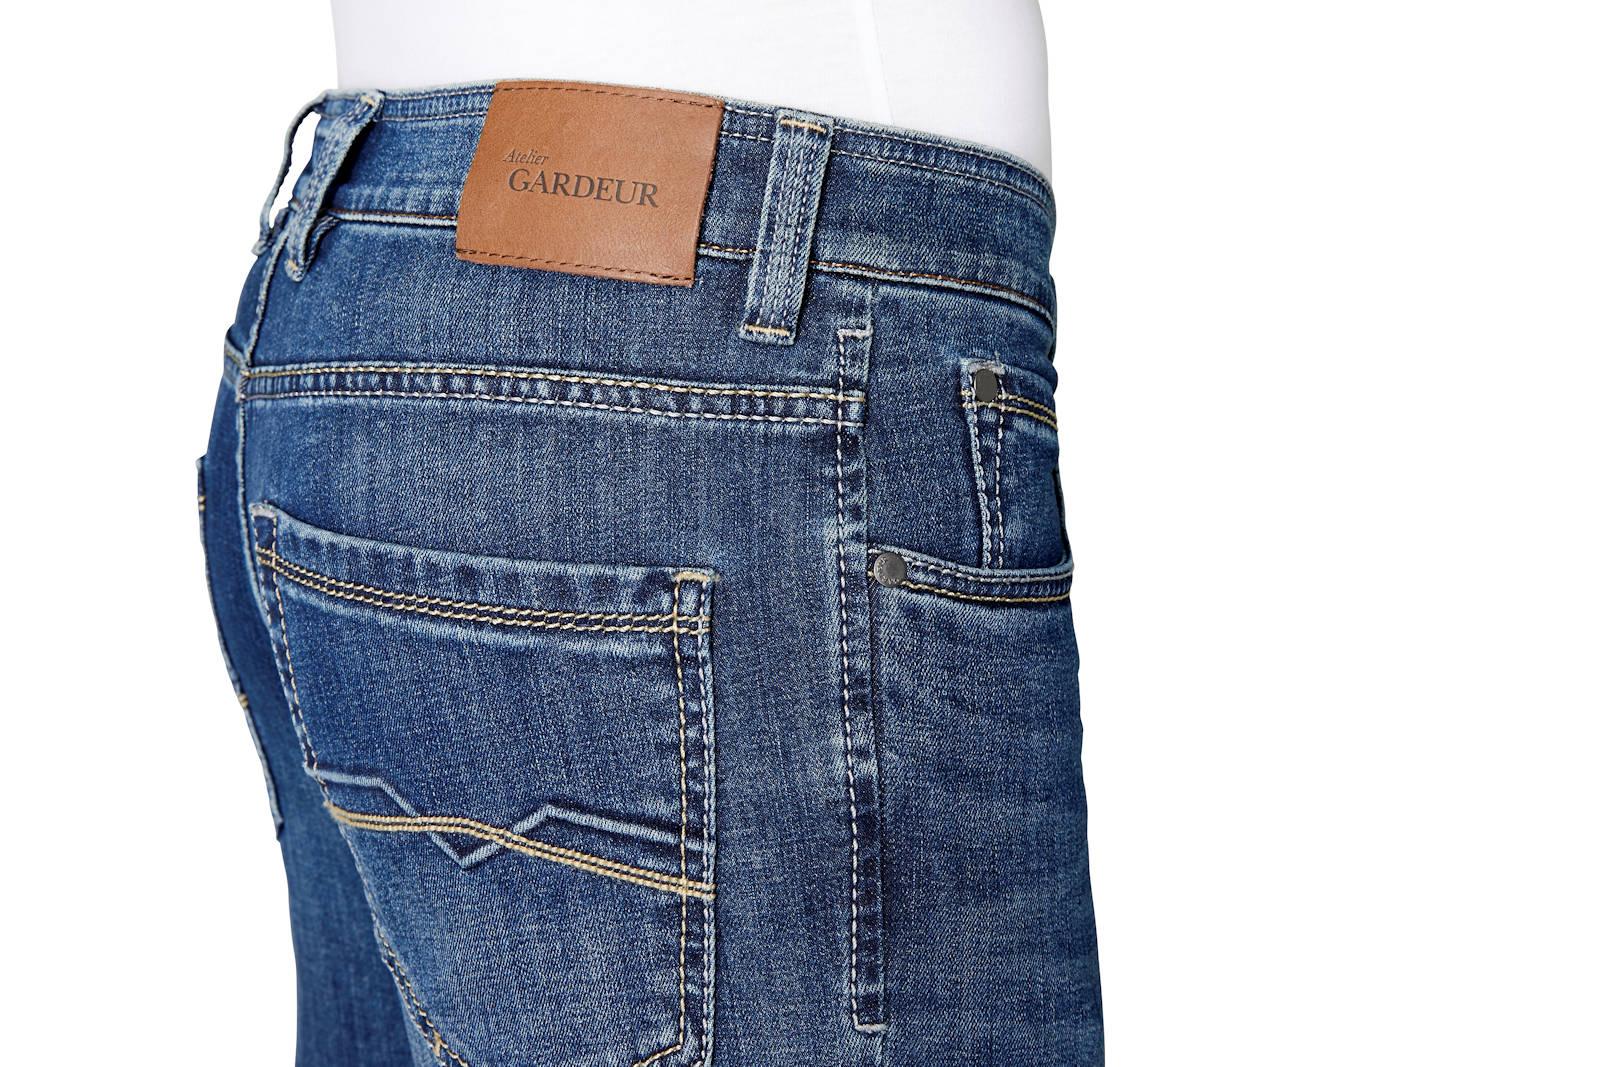 Atelier-GARDEUR-Jeans-BATU-2-Modern-Fit-Herren-Hose-Slim-Leg-Denim-NEU Indexbild 9